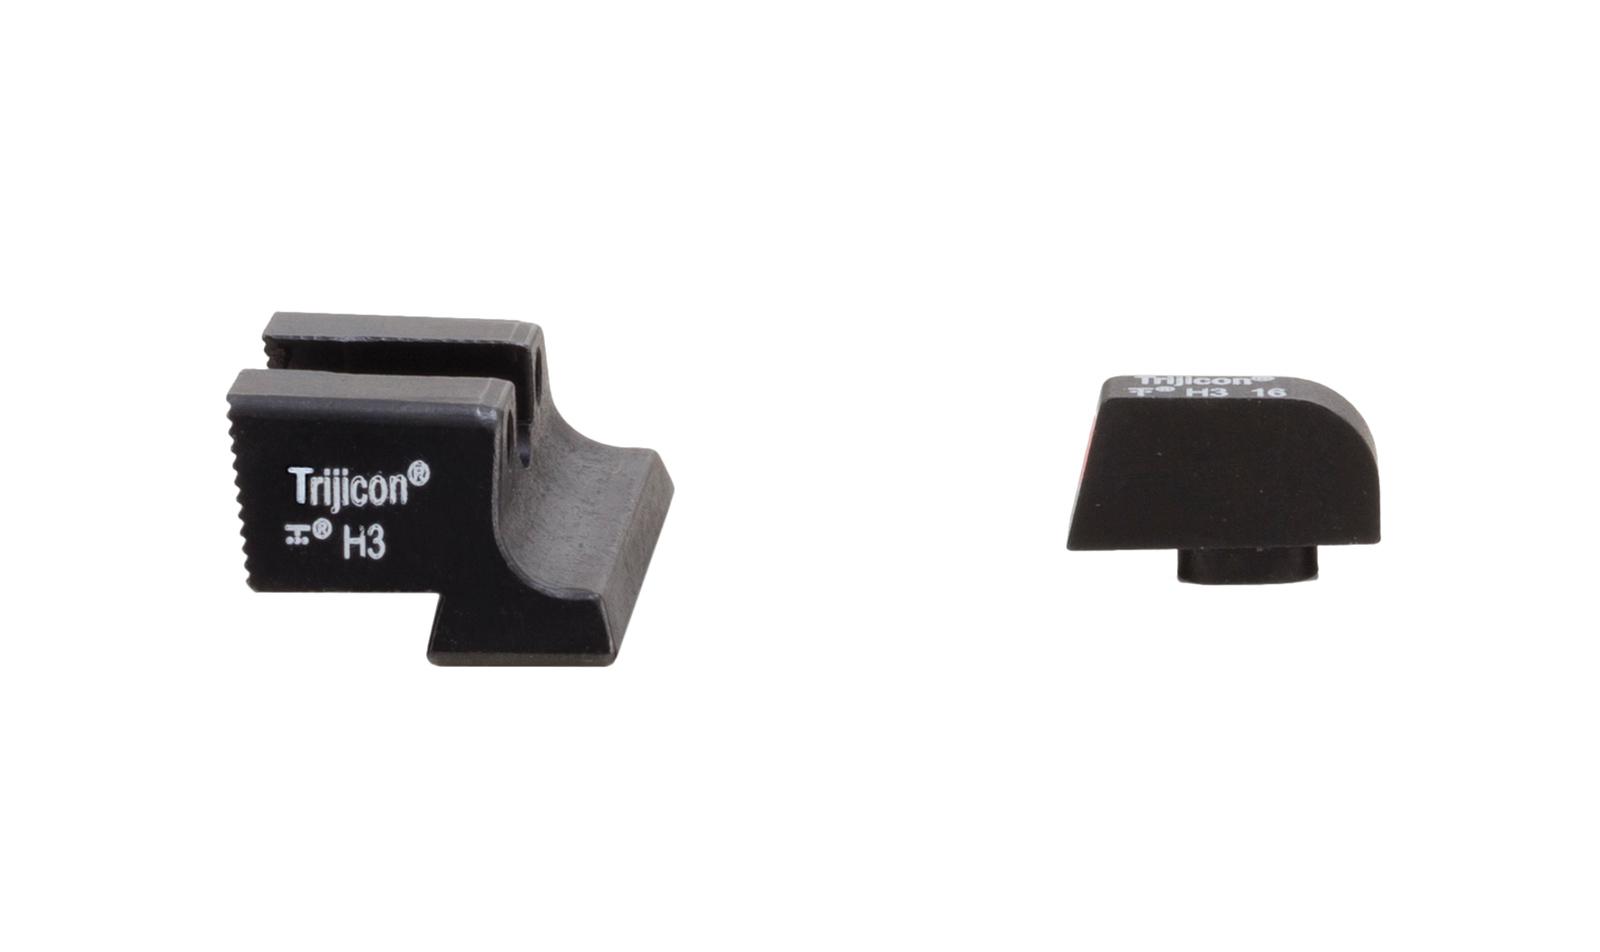 GL613-C-600845 angle 2